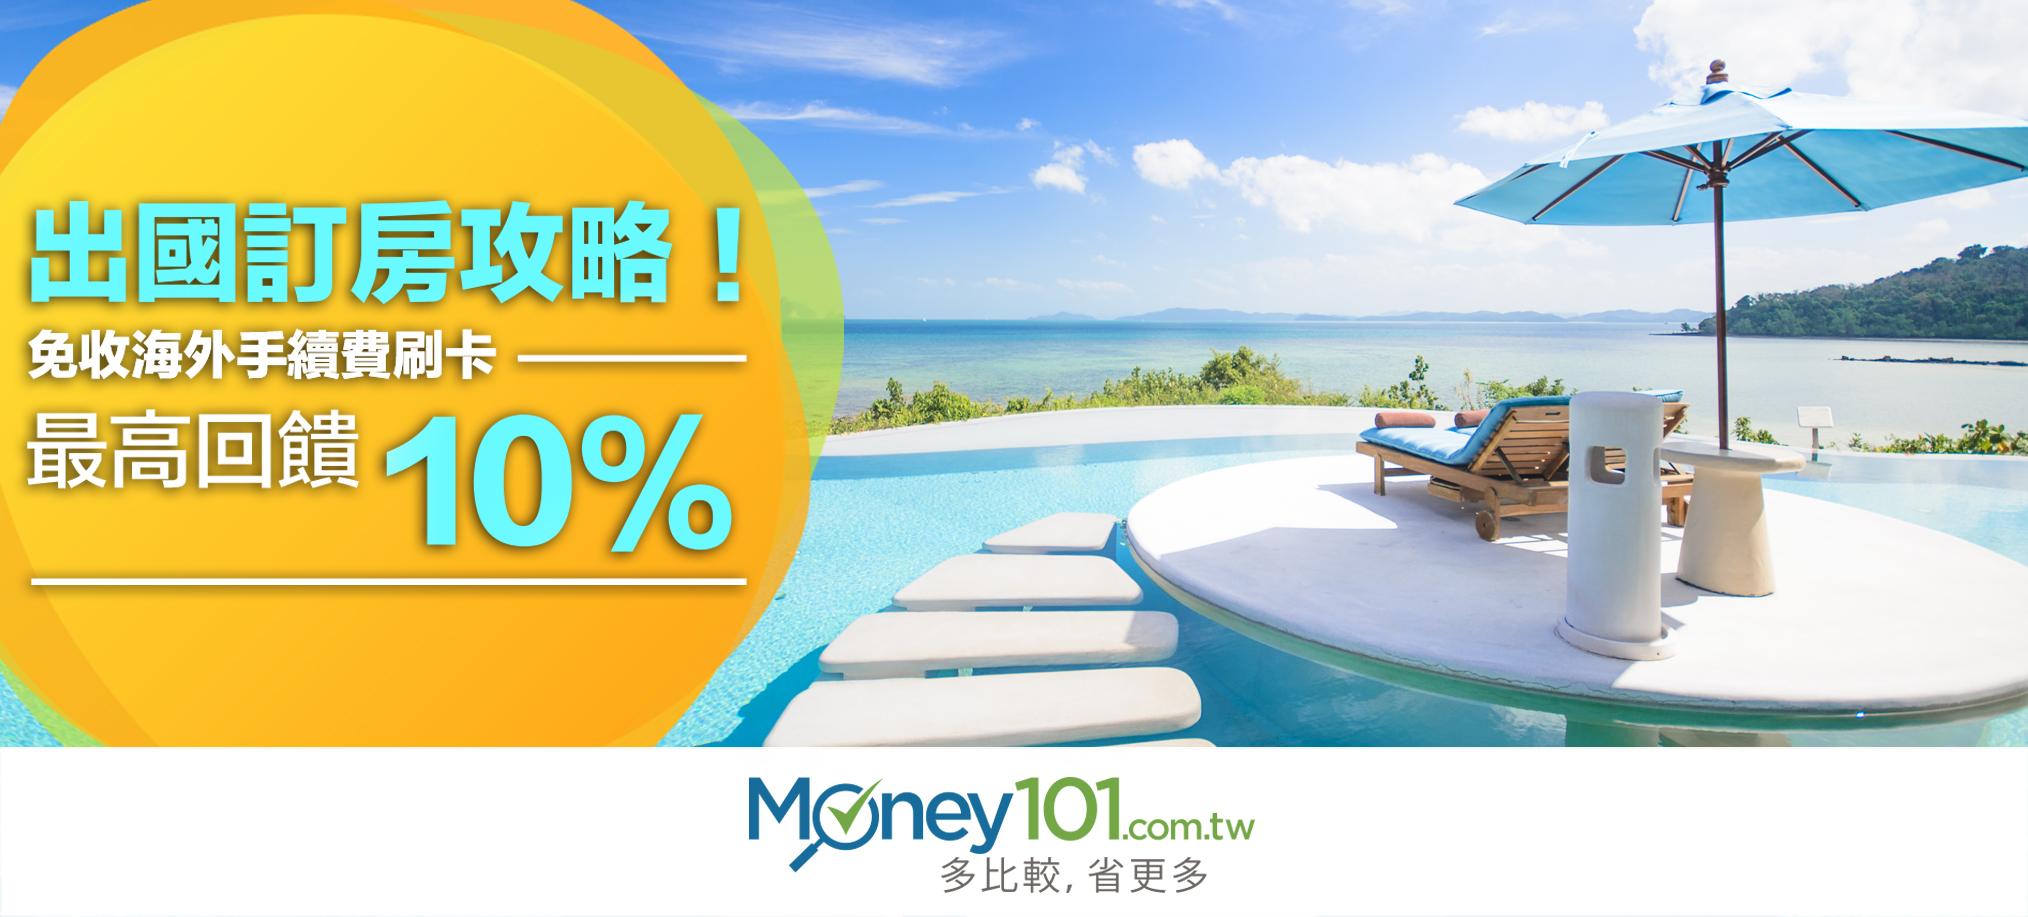 【新聞稿】出國訂房攻略!免收海外手續費,刷卡最高回饋 10%